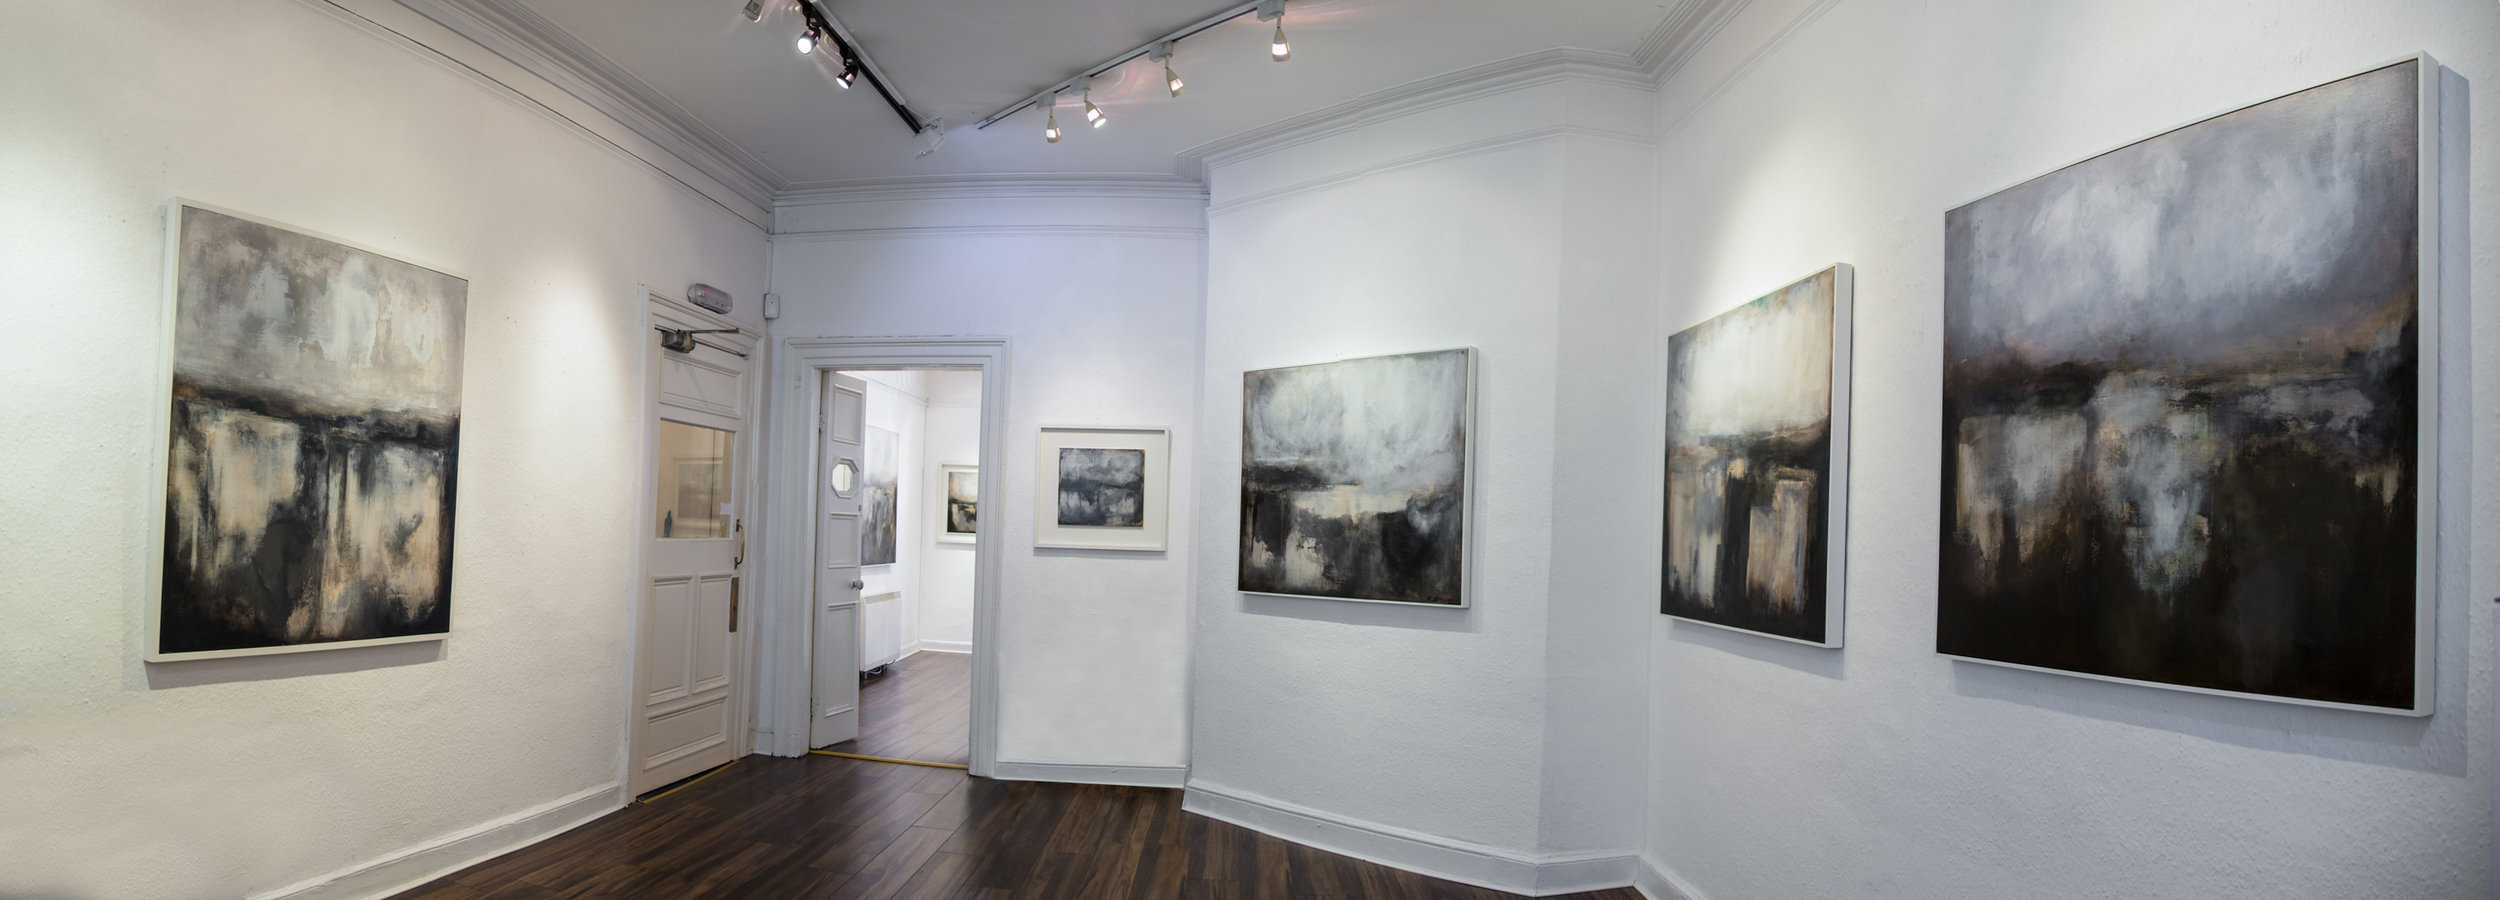 The Doorway Gallery-30.jpg